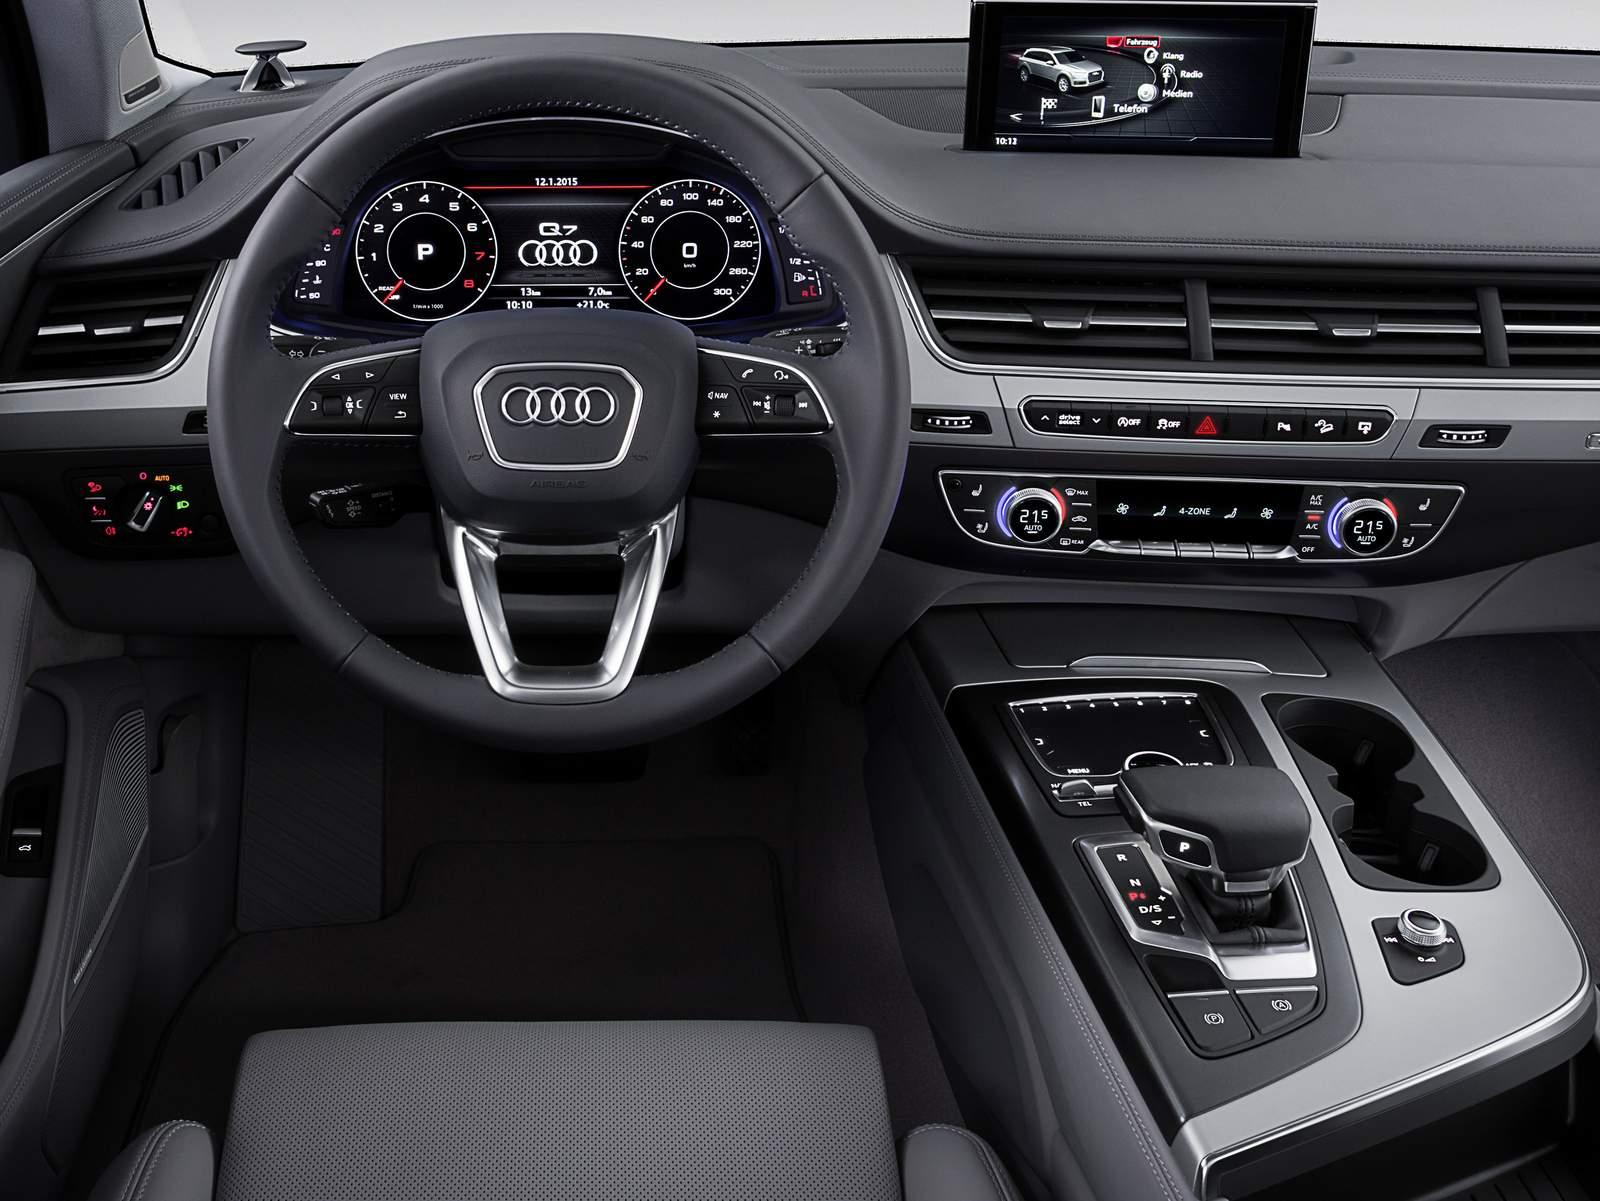 Novo Audi Q7 2015 Fotos E Detalhes Oficiais S 227 O